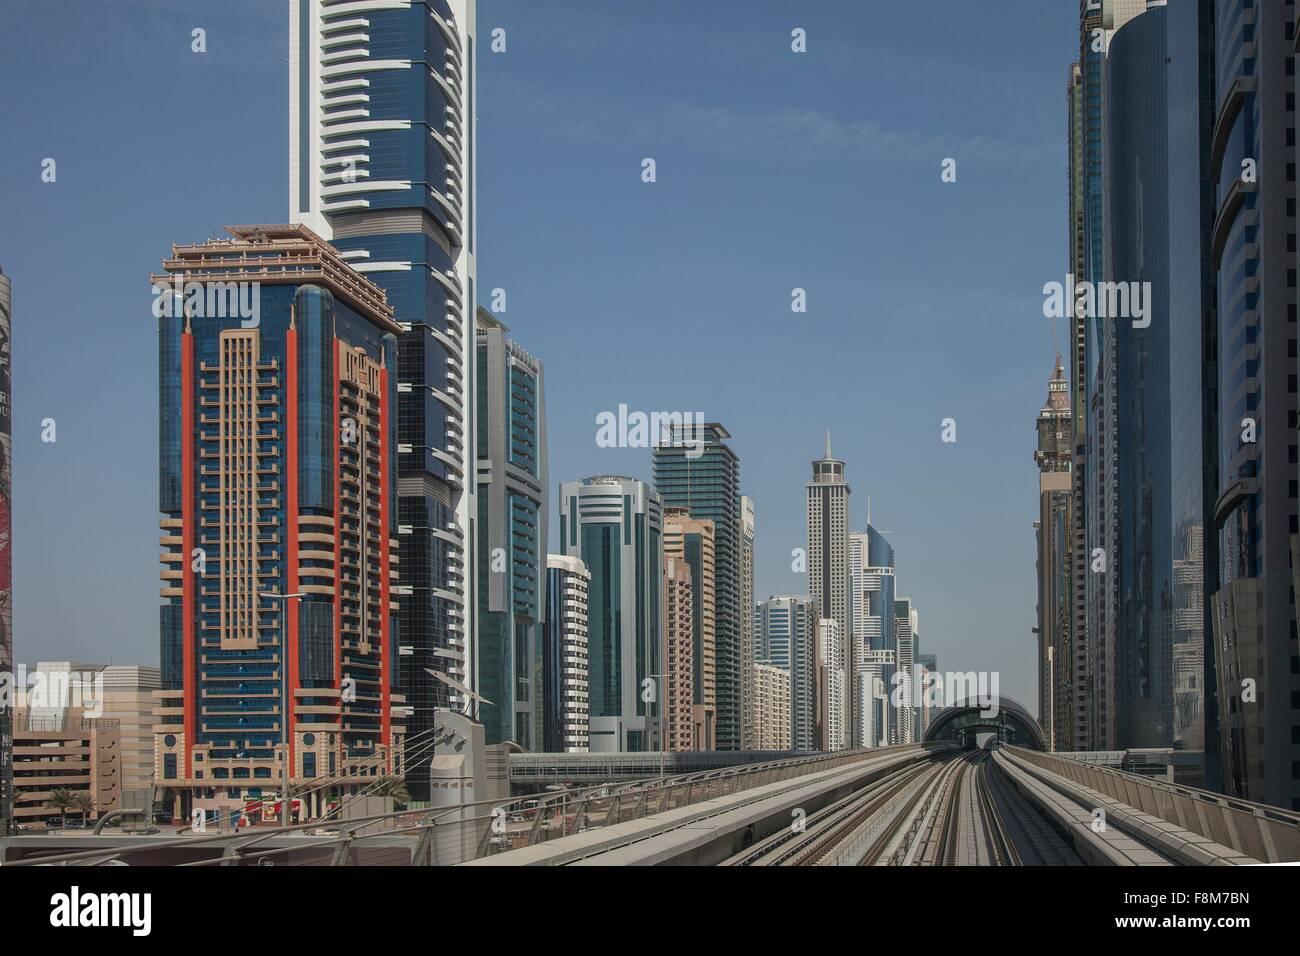 El perfil de la ciudad y metro de Dubai de la vía del tren, el centro de Dubai, Emiratos Árabes Unidos Imagen De Stock